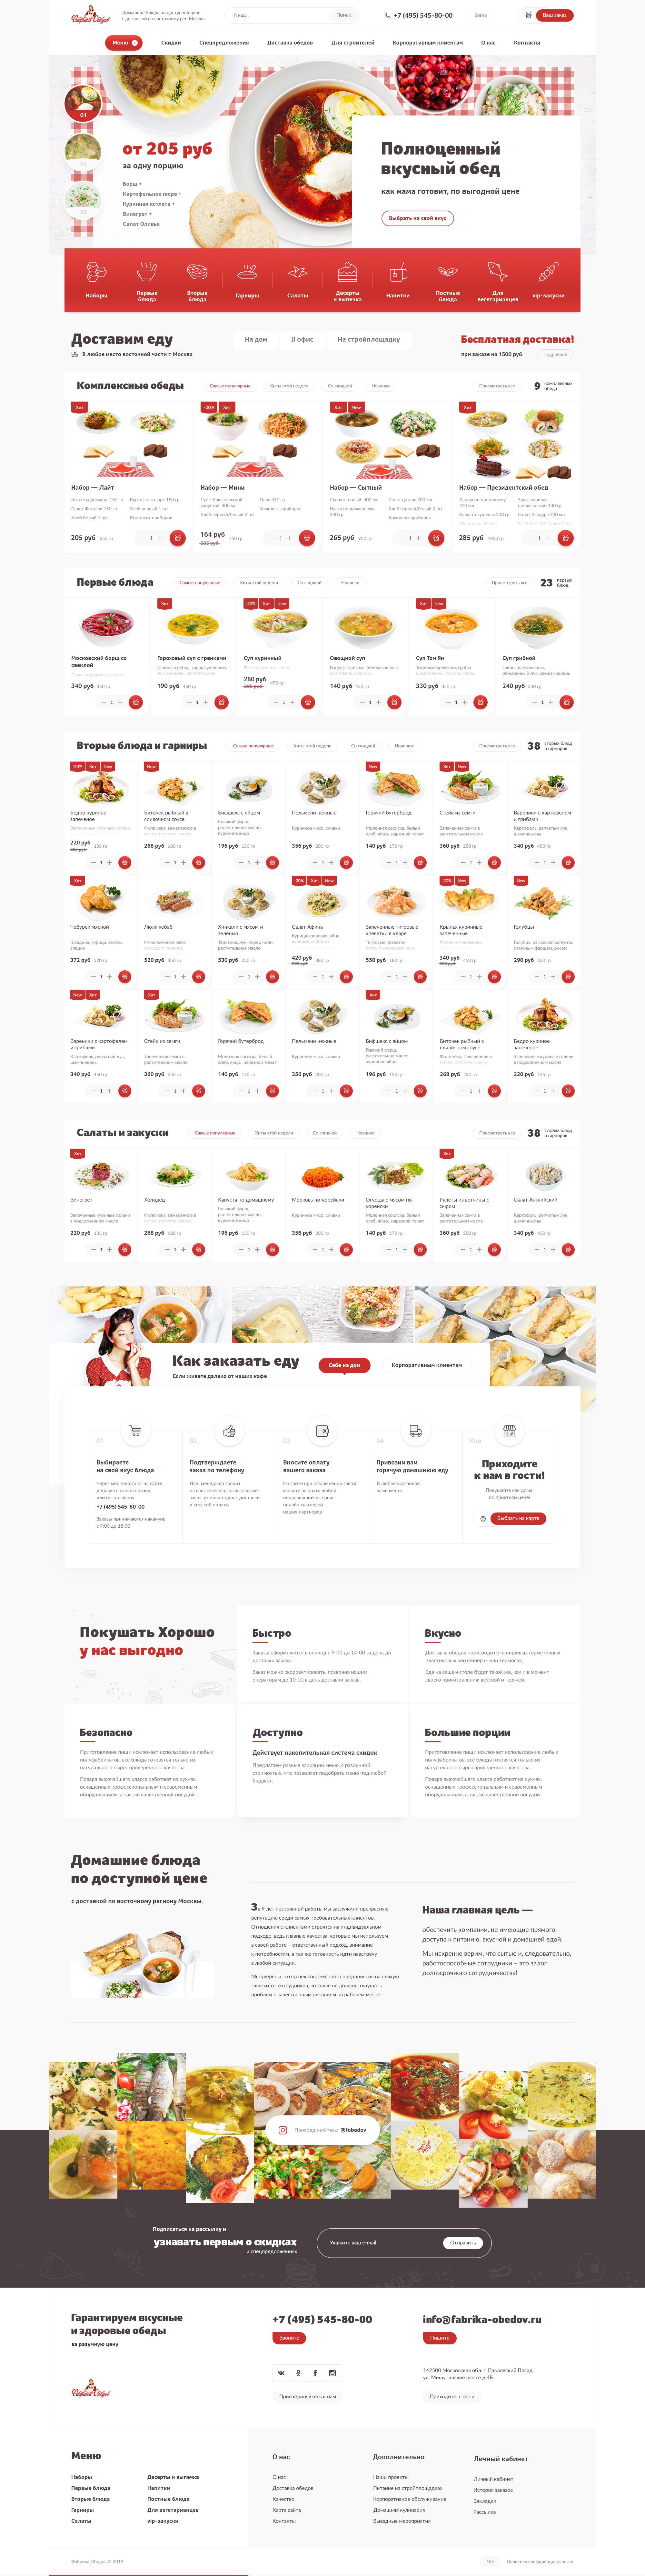 требуется разработать новый дизайн сайта  фото f_9035c4c8f6dbb867.jpg